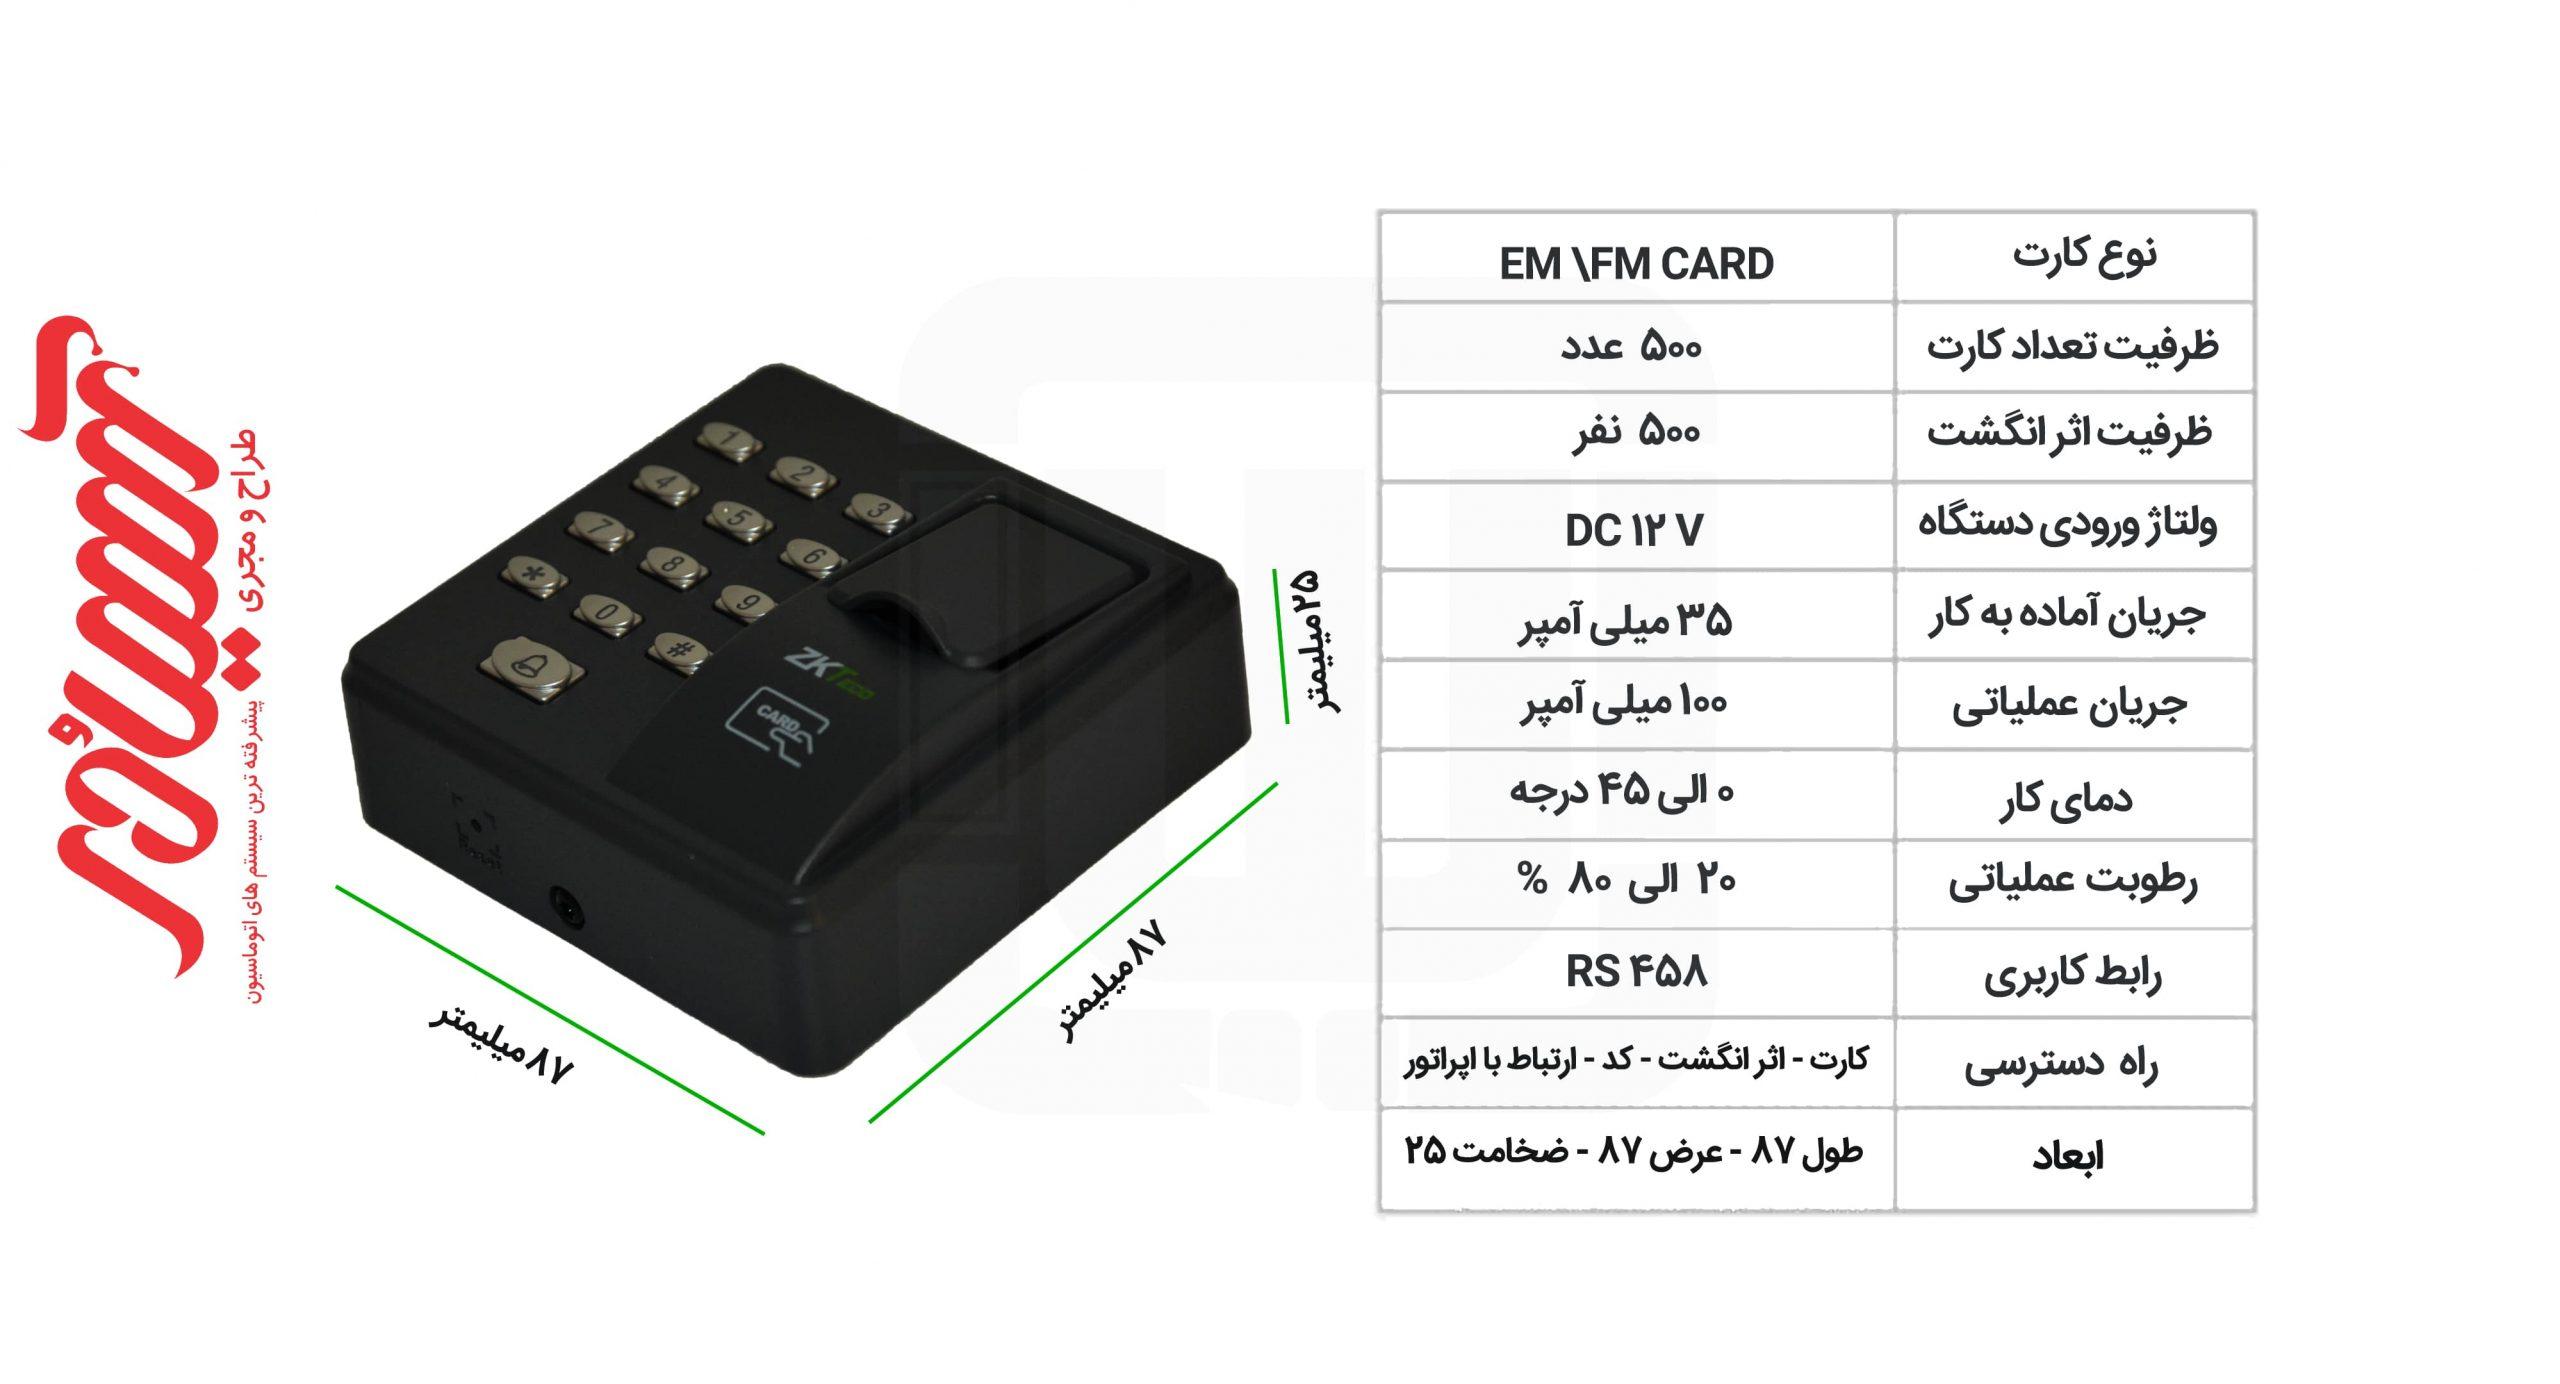 دستگاه کنترل دسترسی زد کی تی X6